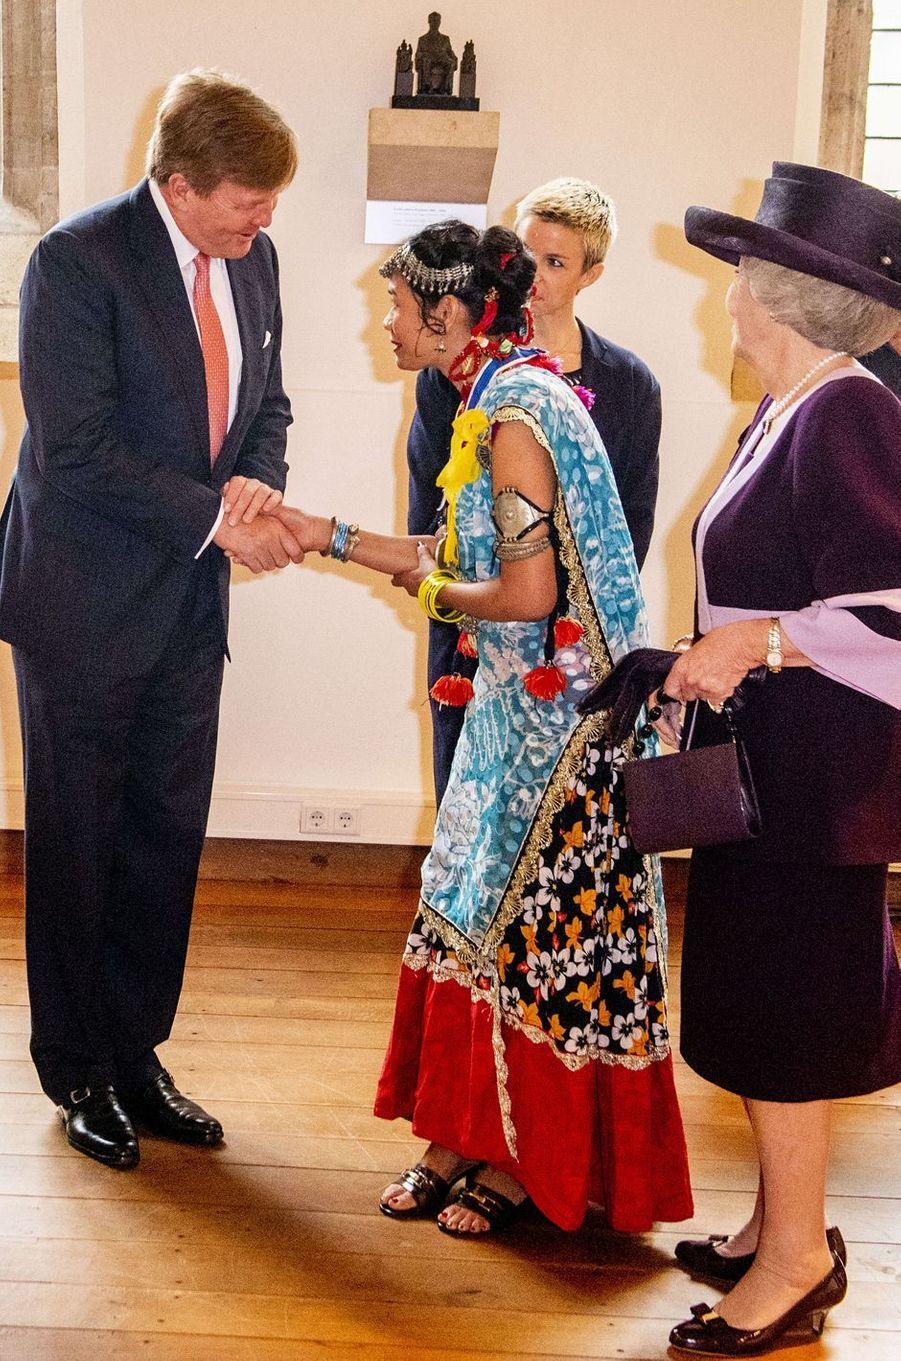 Le roi Willem-Alexander et la princesse Beatrix des Pays-Bas à Middelburg, le 16 mai 2018